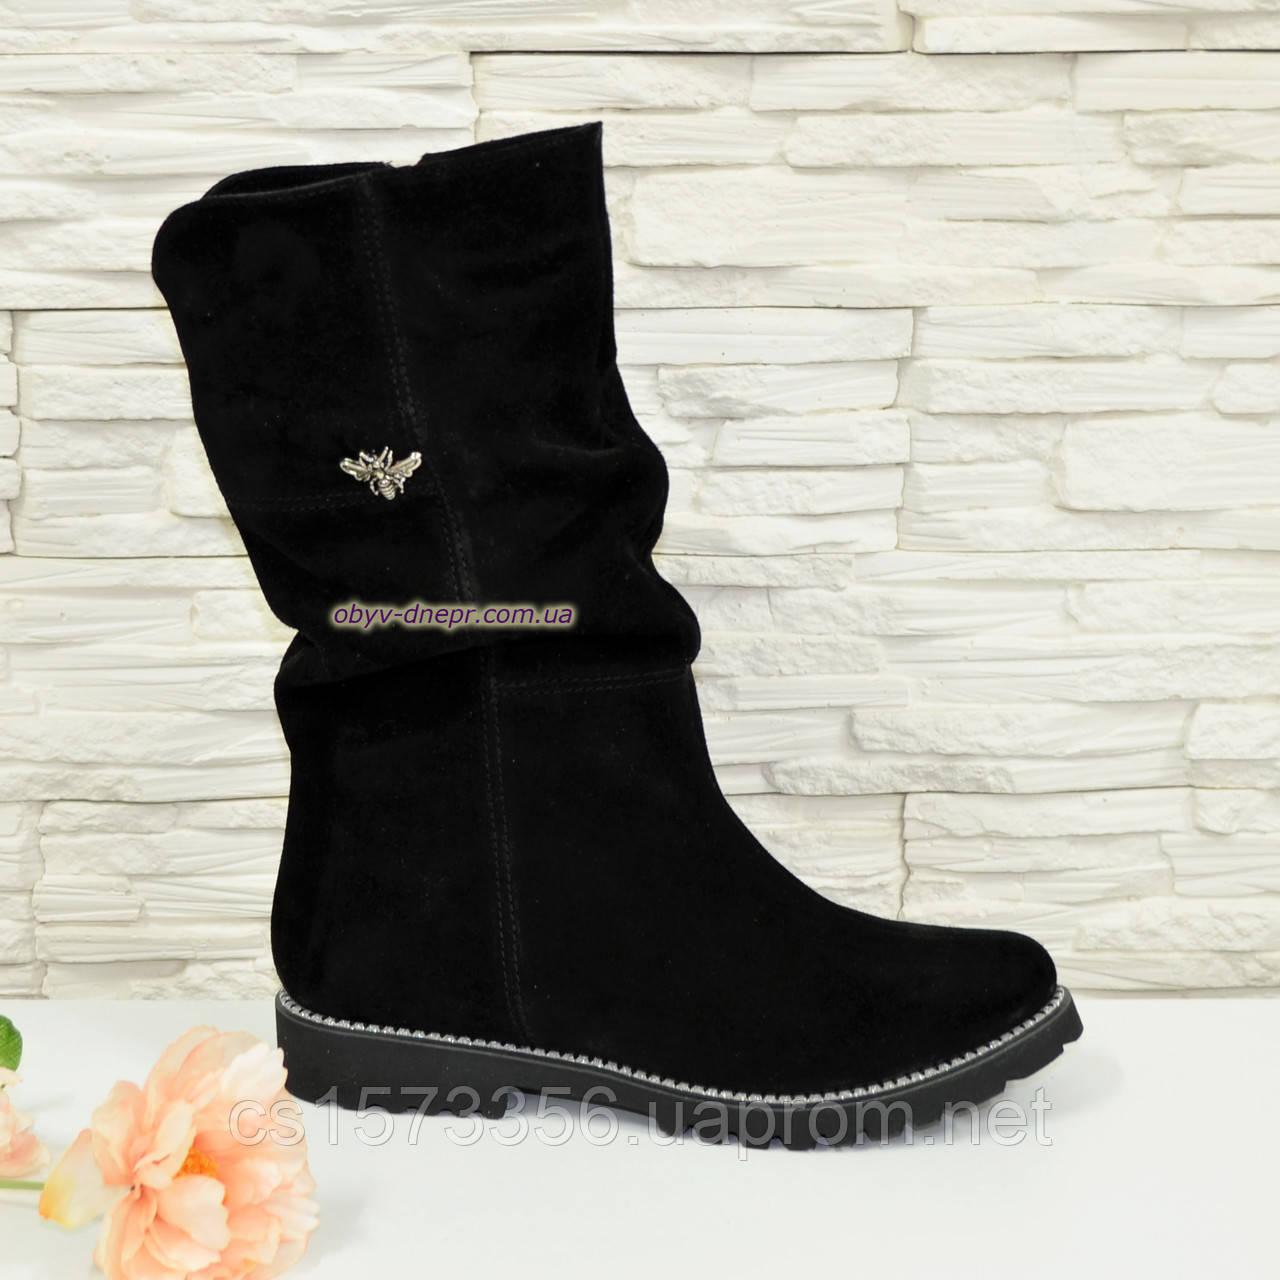 Жіночі черевики демісезонні на байку, натуральна чорна замша.